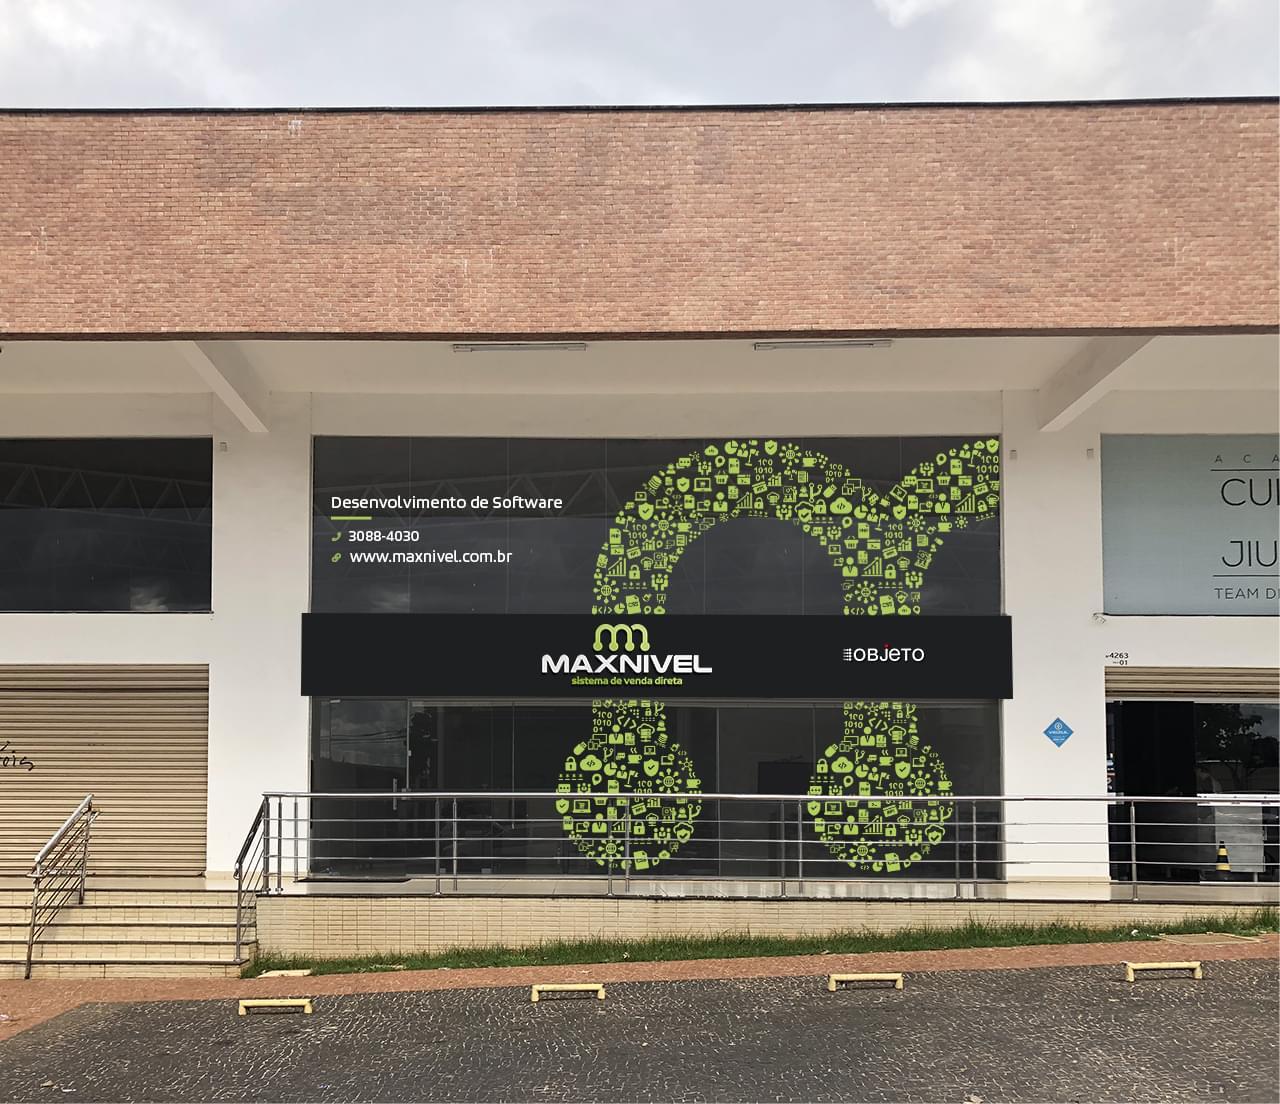 Sistema de vendas diretas e marketing multinível Maxnivel - Maxnível ganha nova fachada e divide espaço com empresa parceira